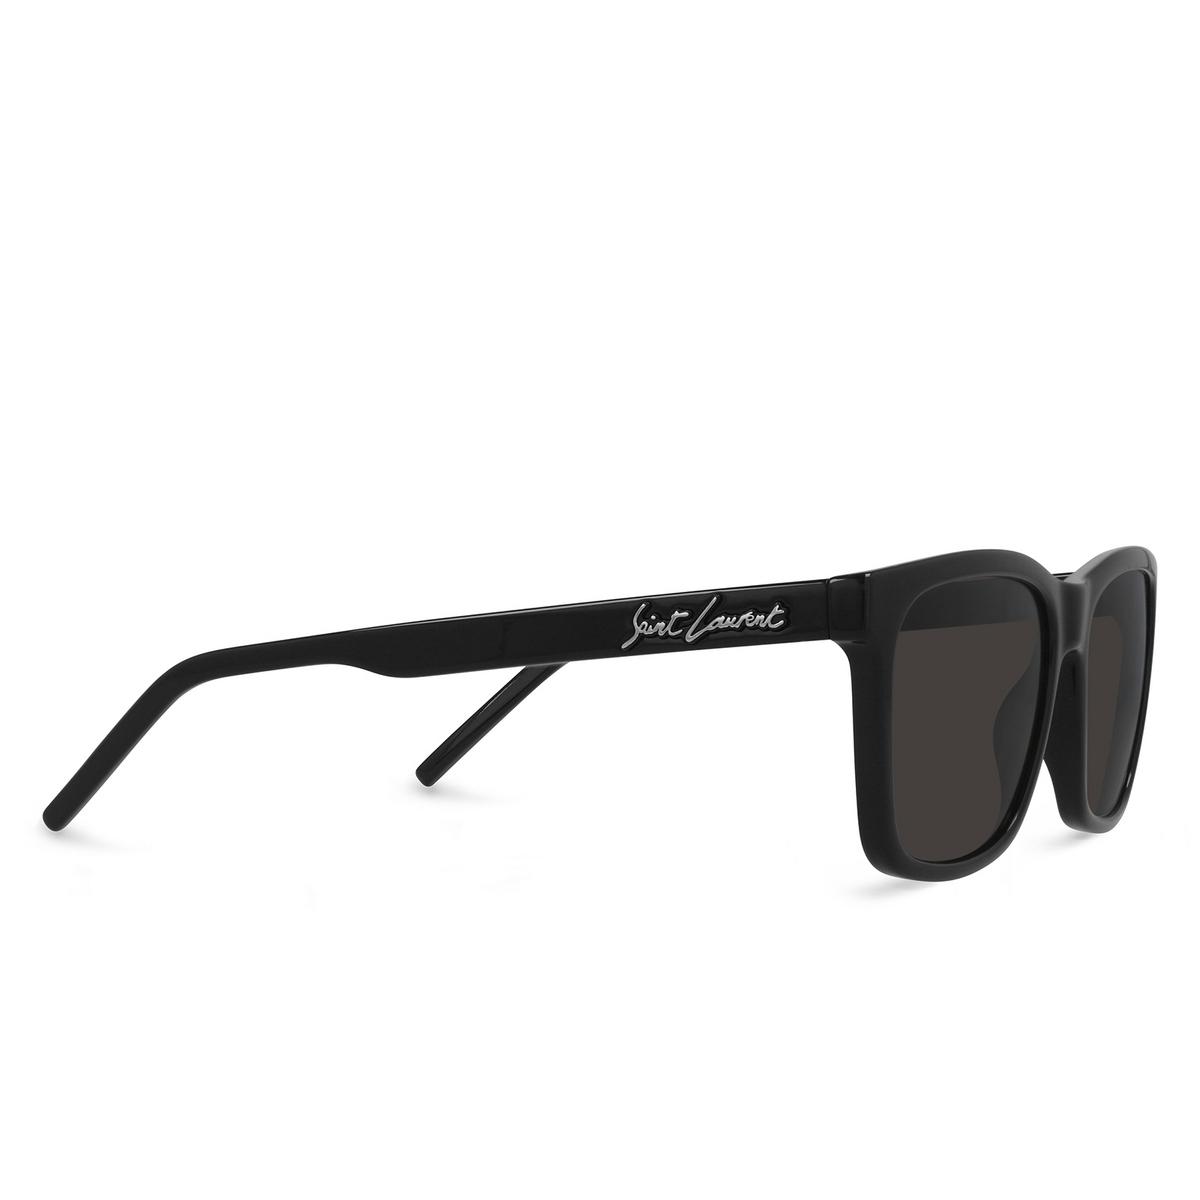 Saint Laurent® Square Sunglasses: SL 318 color Black 001 - 2/3.